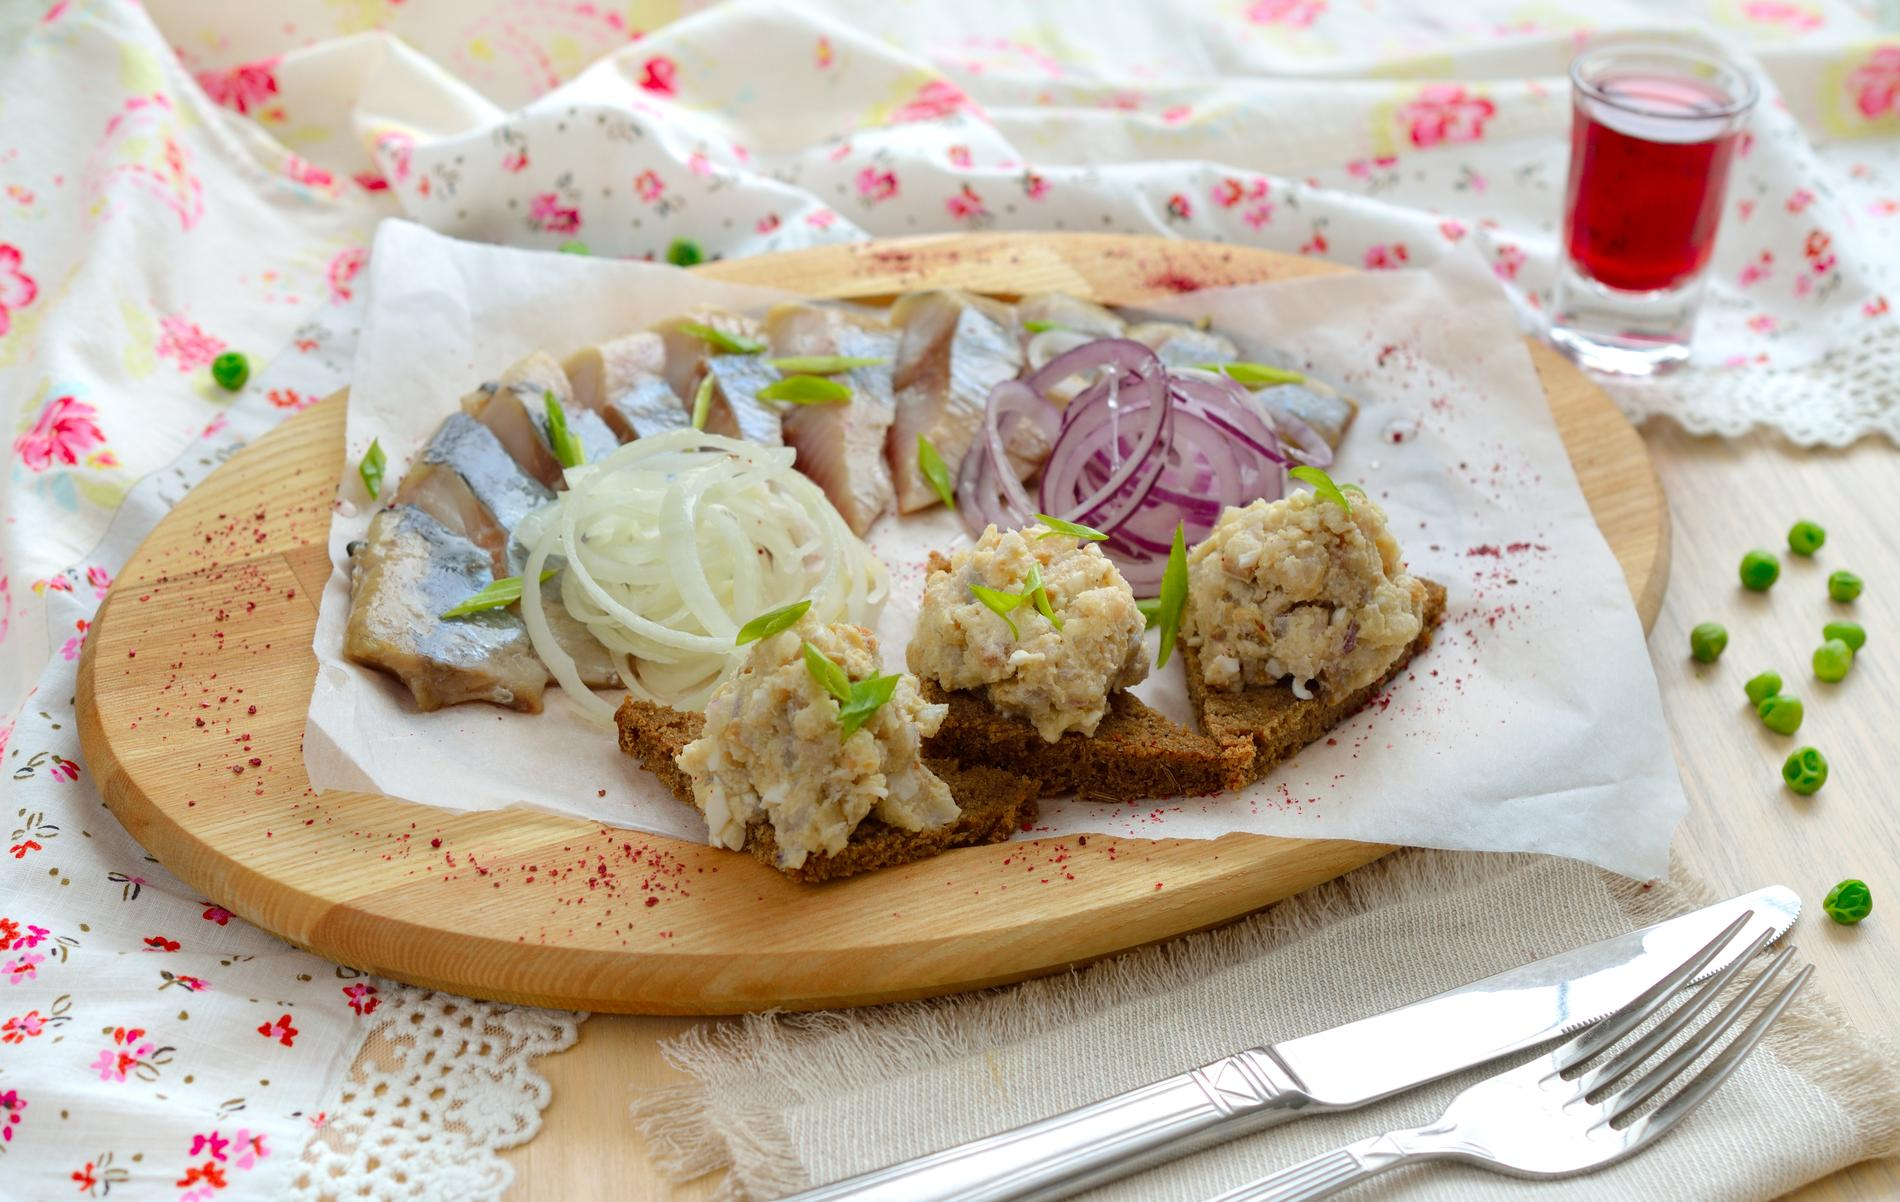 recettes cuisine nordique recettes faciles et rapides cuisine madame figaro. Black Bedroom Furniture Sets. Home Design Ideas